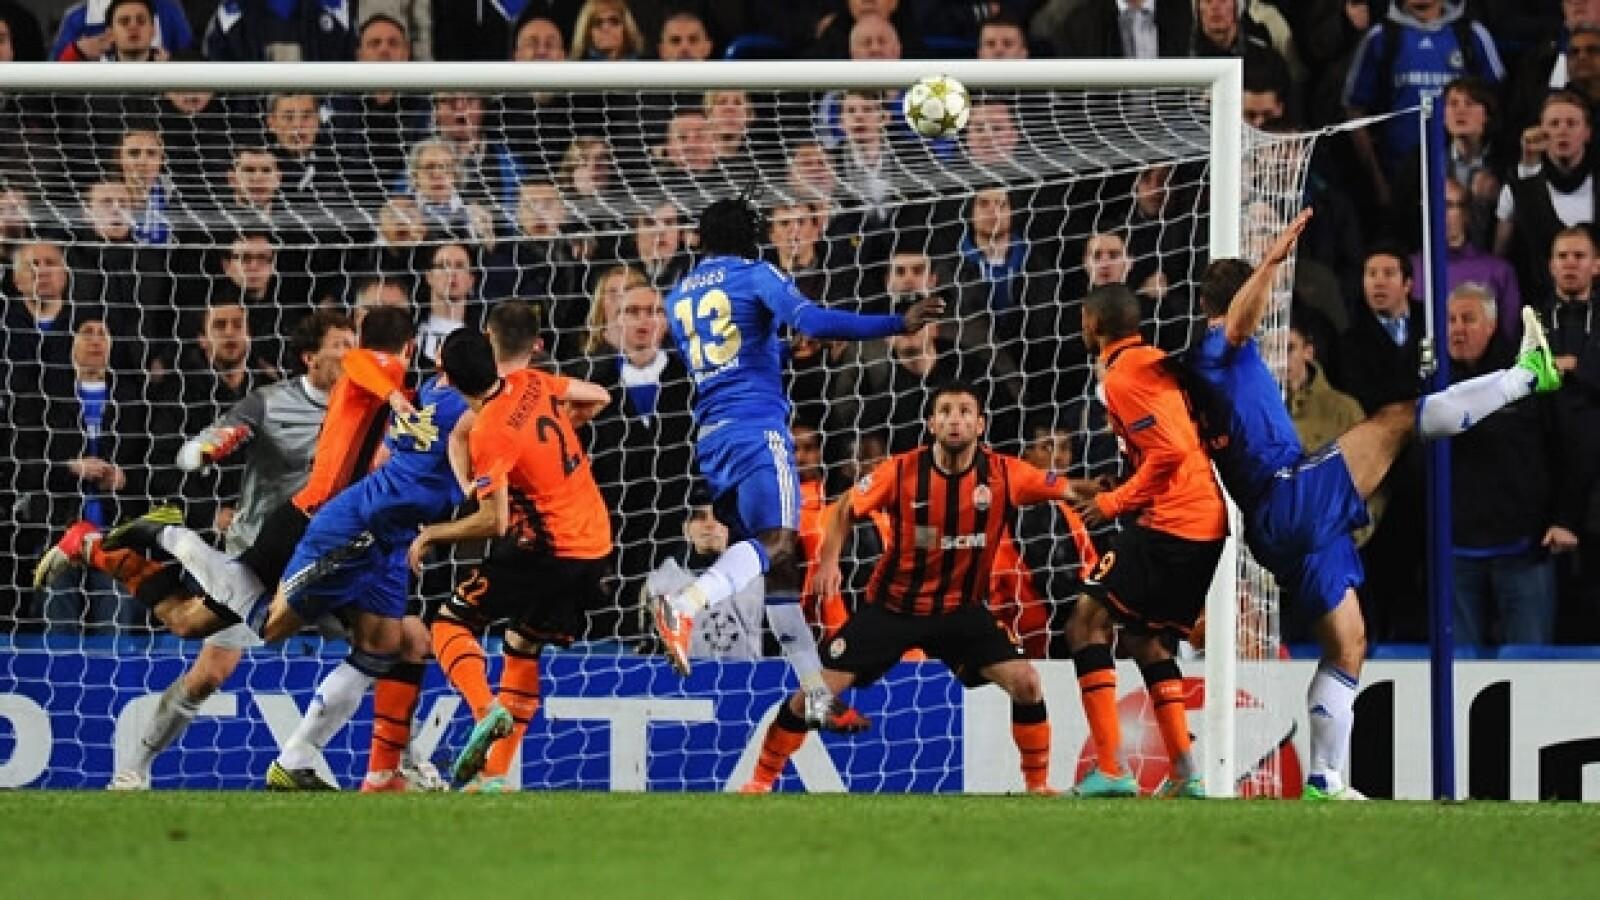 Chelsea vs. Shakhtar Donetsk 2